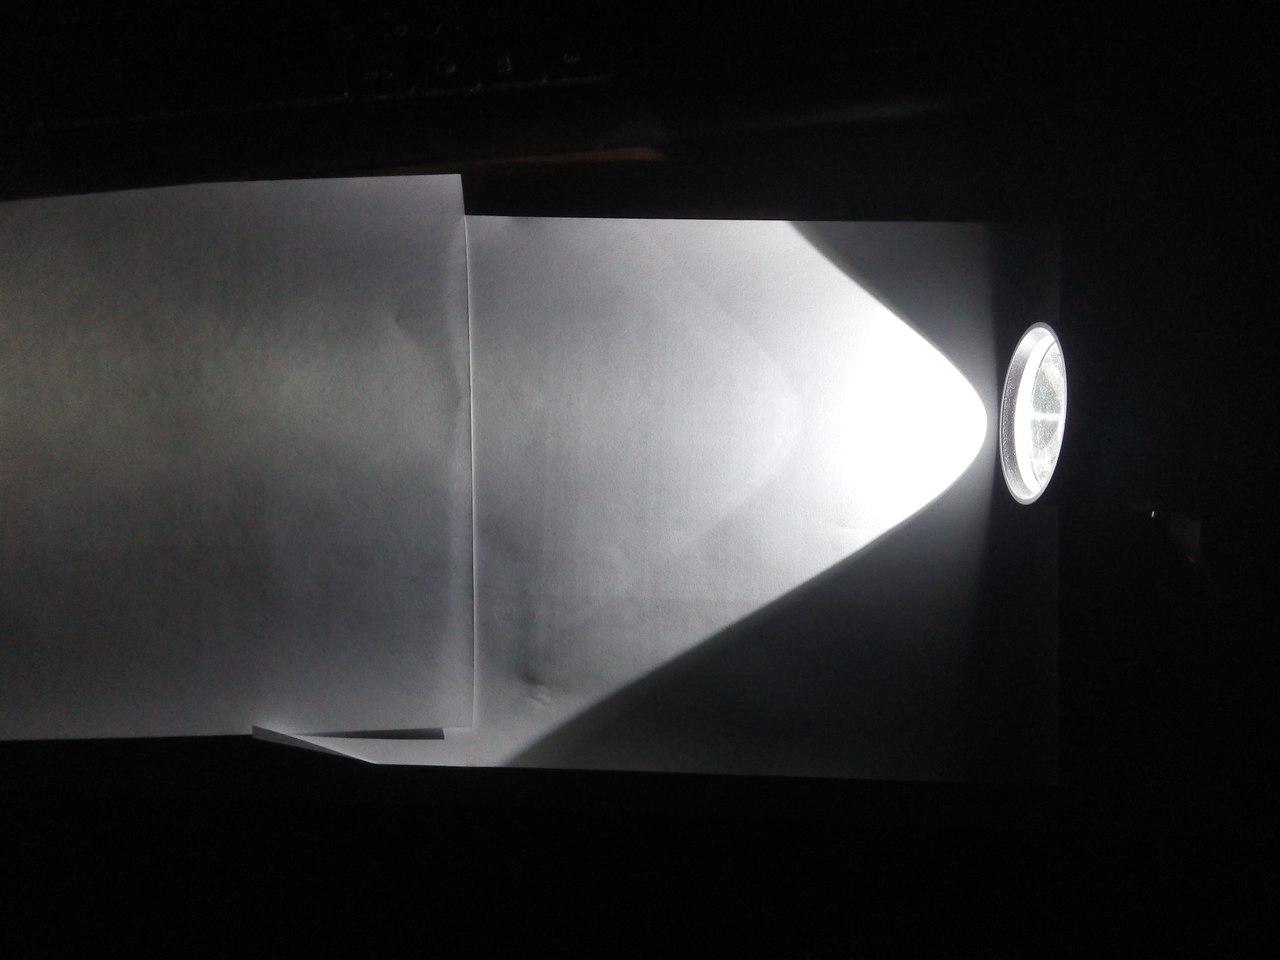 Aliexpress: Дальнобойный фонарь от Romisen со всем нужным комплектом